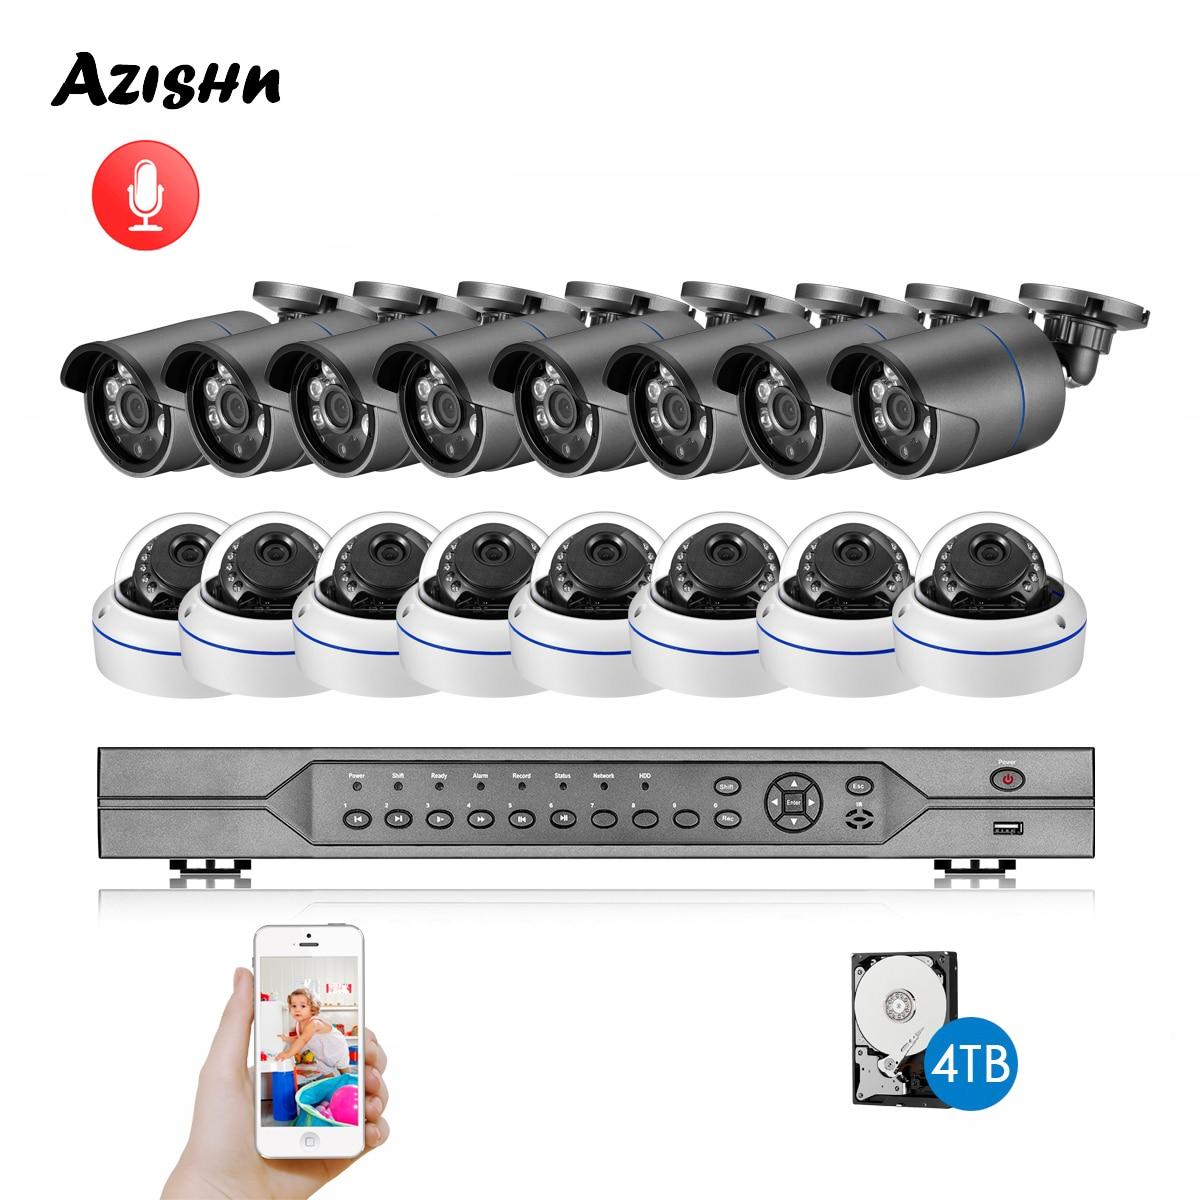 AZISHN H.265 16CH 4MP NVR POE sistema de seguridad CCTV 16 Uds IR al aire libre 4MP grabación de Audio IP Cámara P2P Kit de videovigilancia 4TB Sistema de alarma de casa, intercomunicador con alarma Wifi GSM, Control remoto, Autodial, detectores de 433MHz, IOS, Android, Tuya, teclado táctil con Control de aplicación